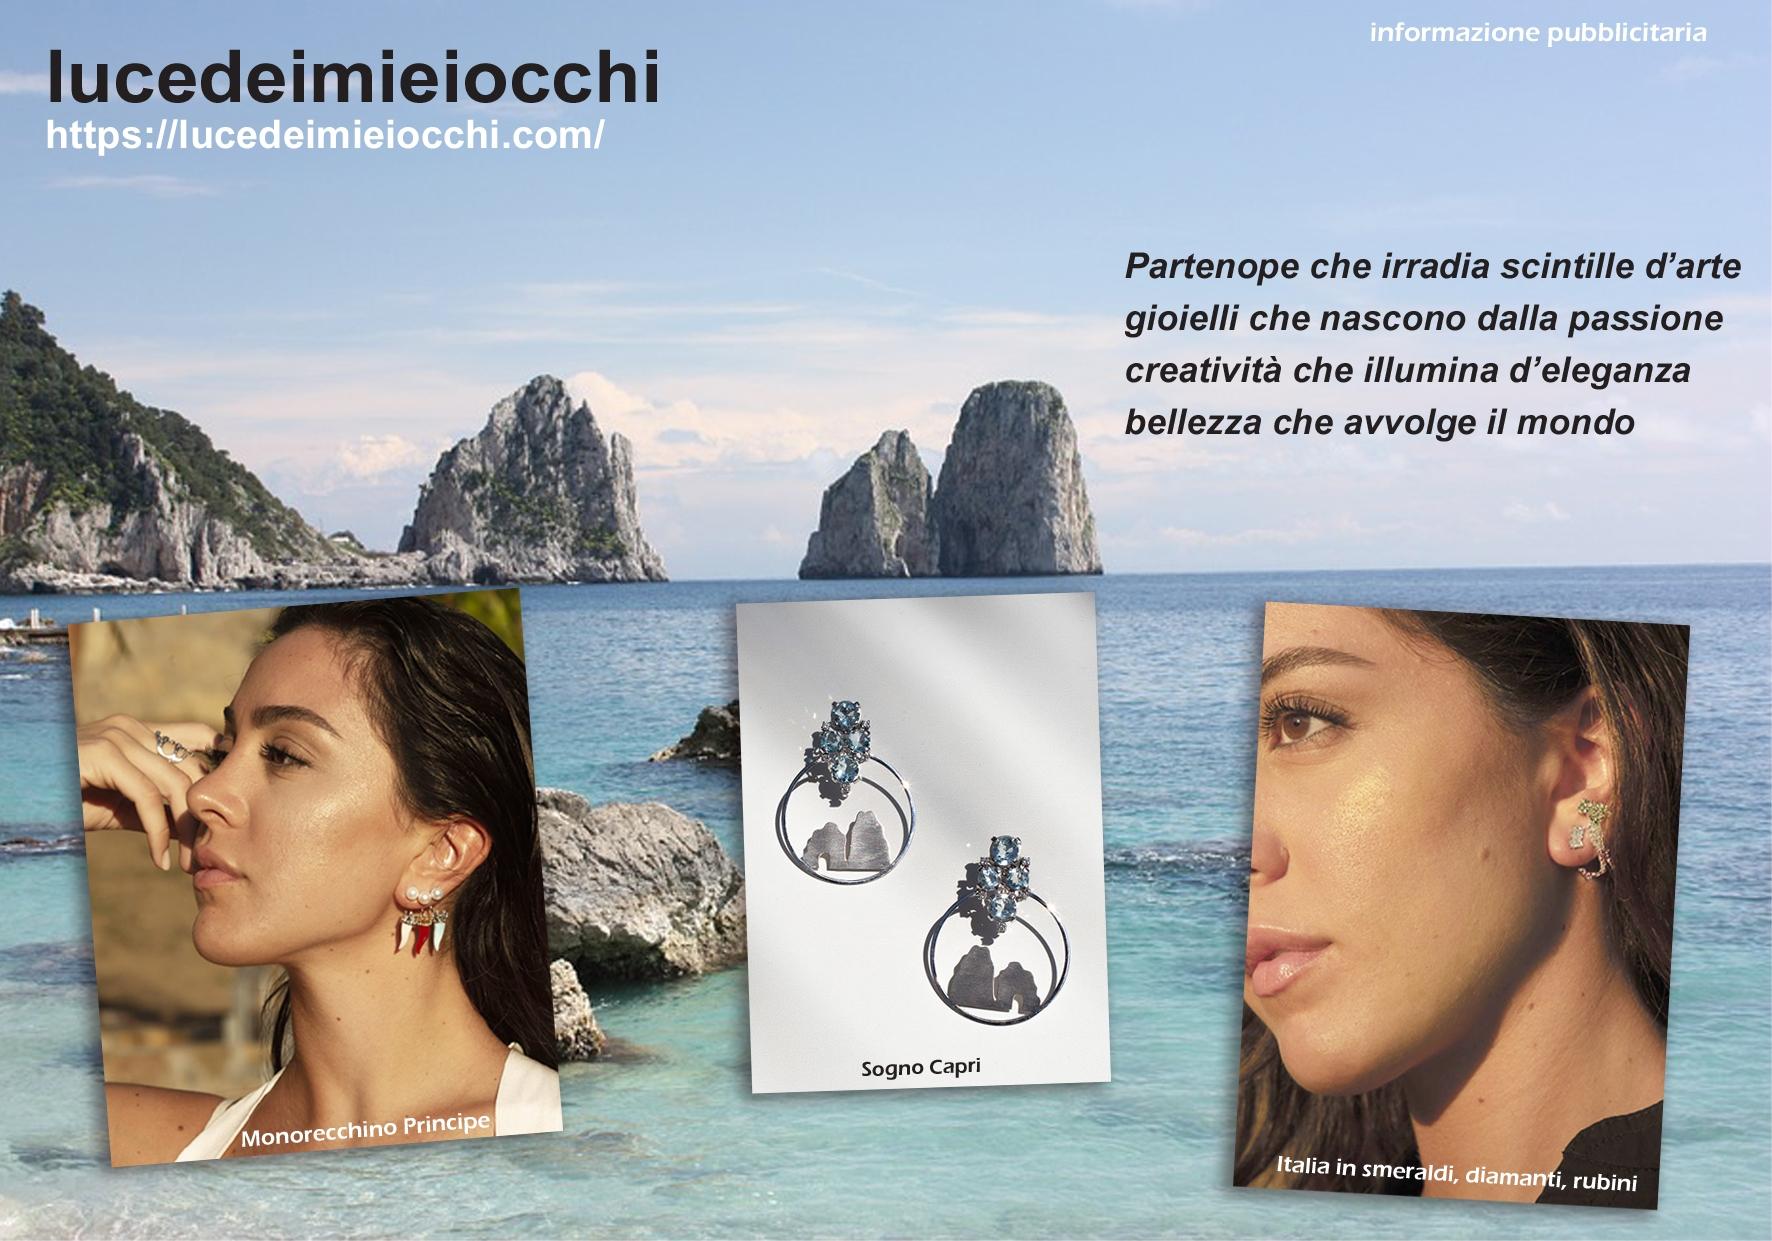 Ludeimieiocchi.com